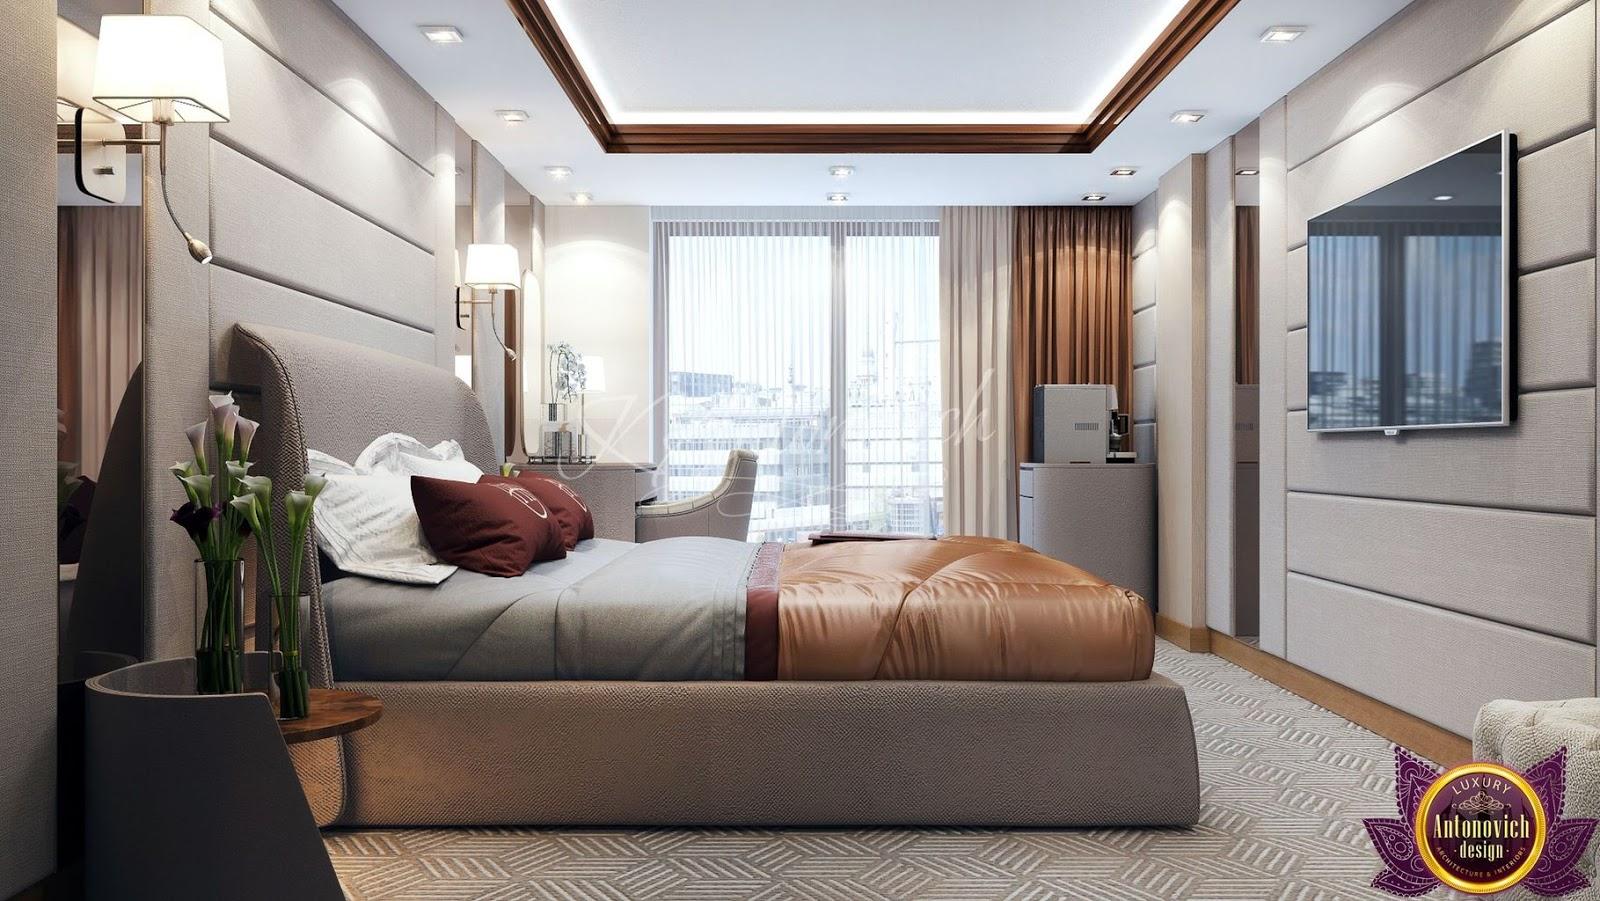 Luxury antonovich design uae beautiful hotel design of for Beautiful hotel designs